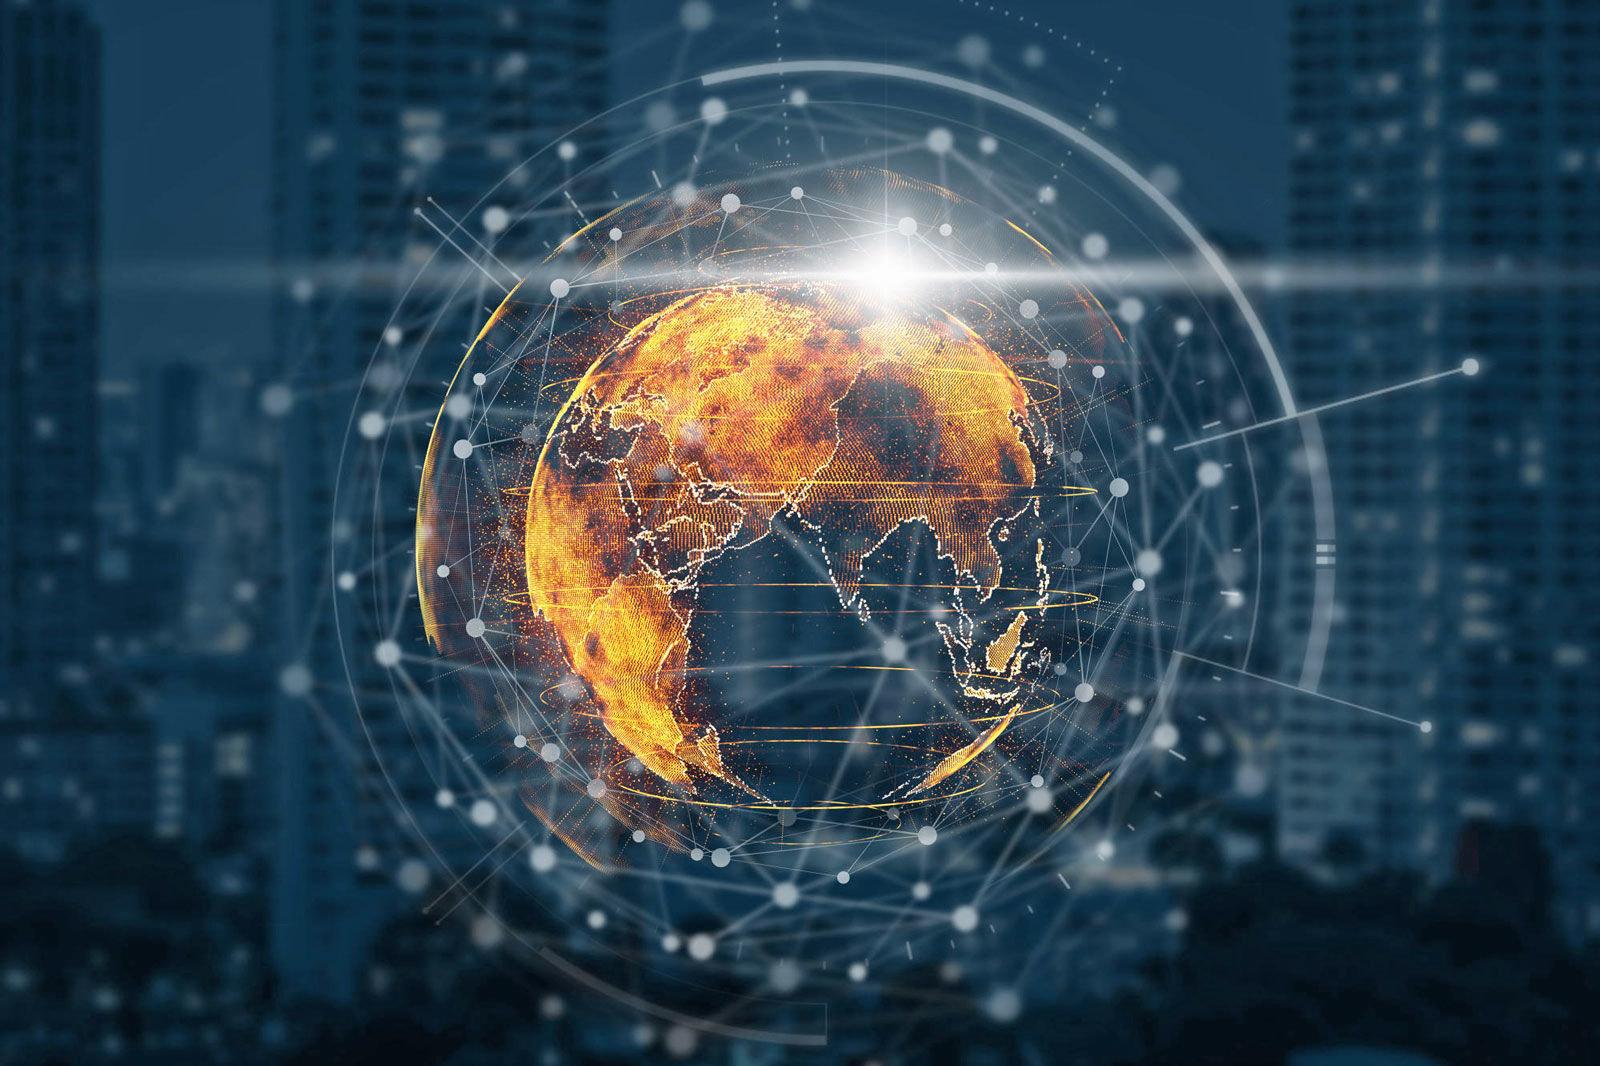 Τεχνολογία: Ποιο είναι το μέλλον των σχέσεων κρατών και παγκόσμιων εταιρειών τεχνολογίας